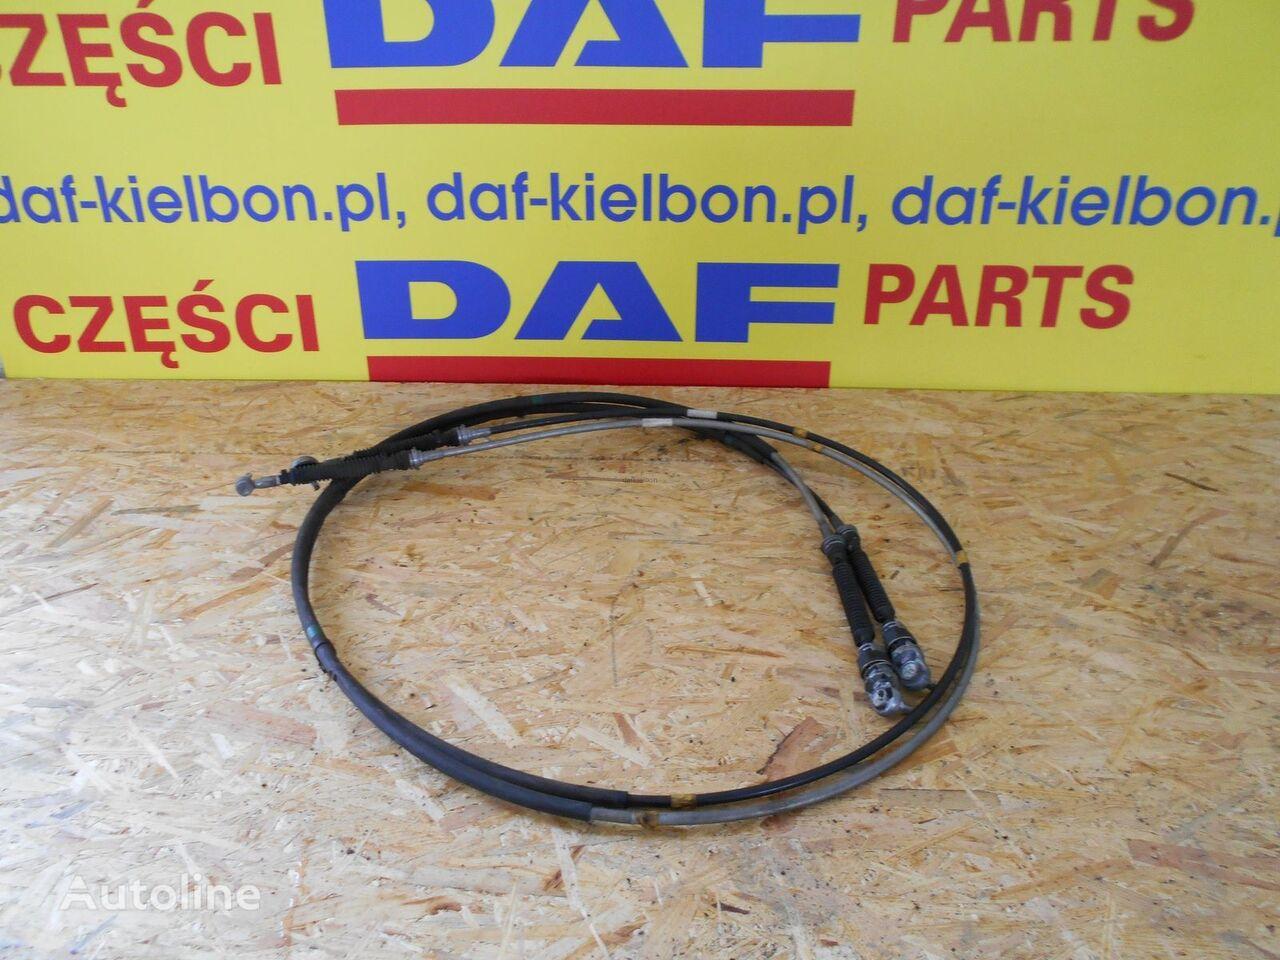 cable de caja de cambios para DAF XF 106 tractora